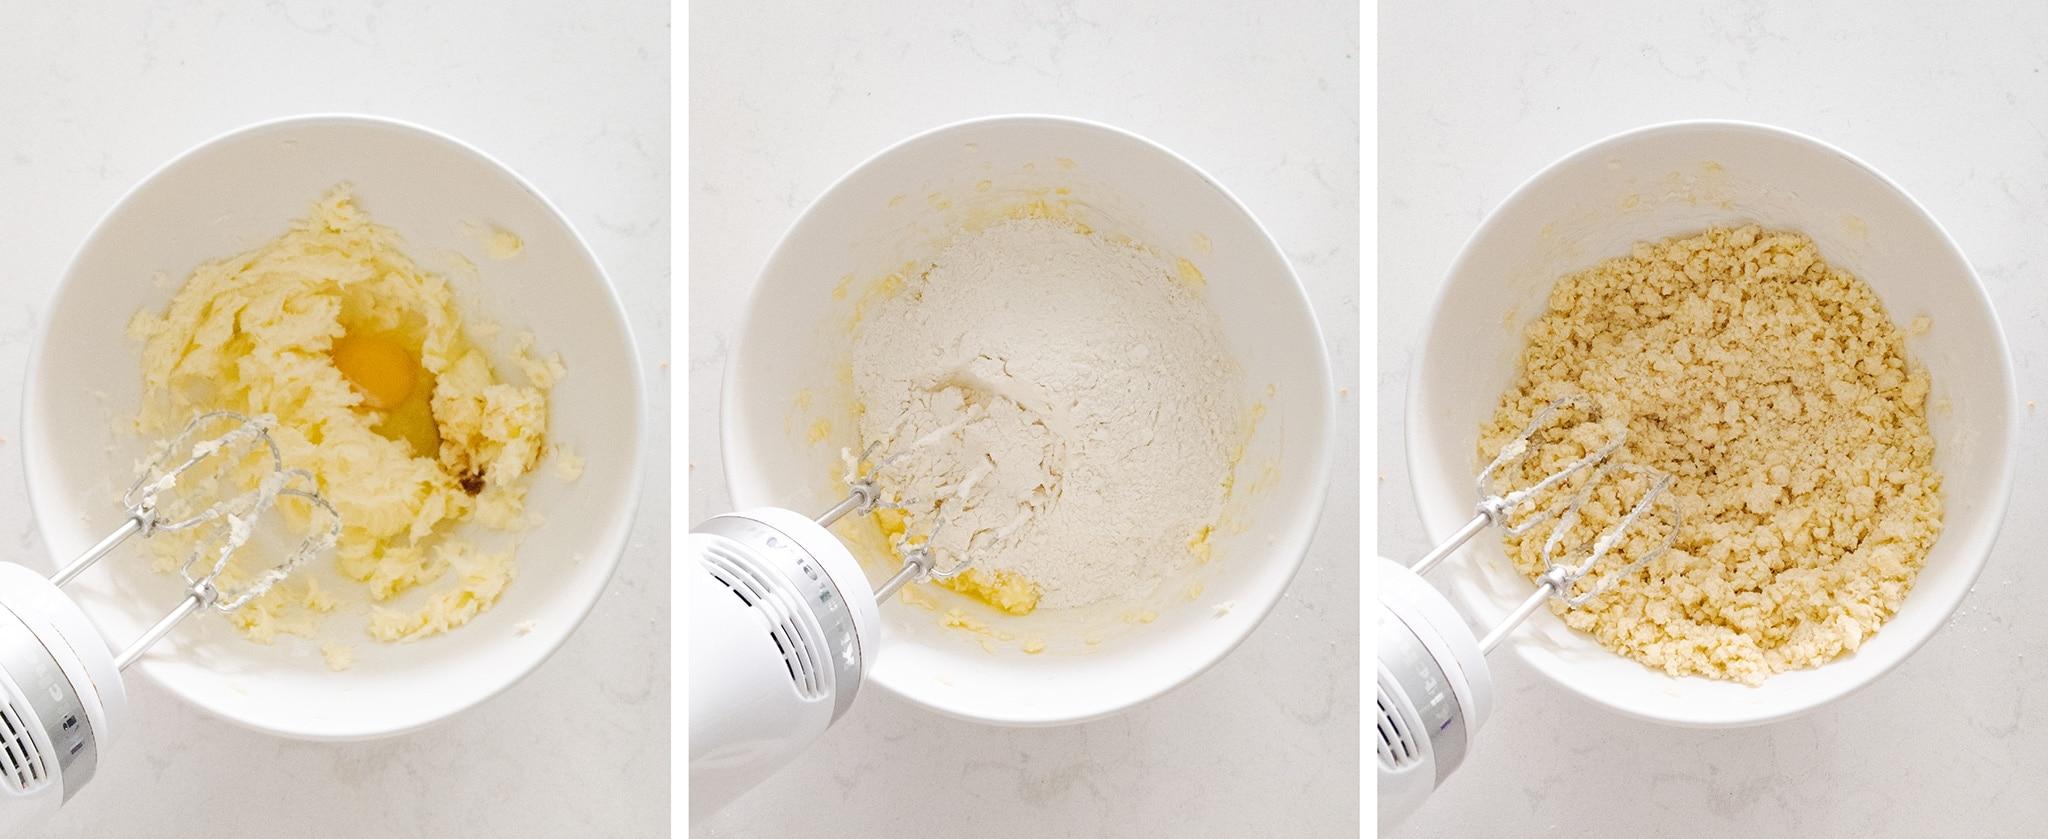 Mixing shortcrust dough in a bowl